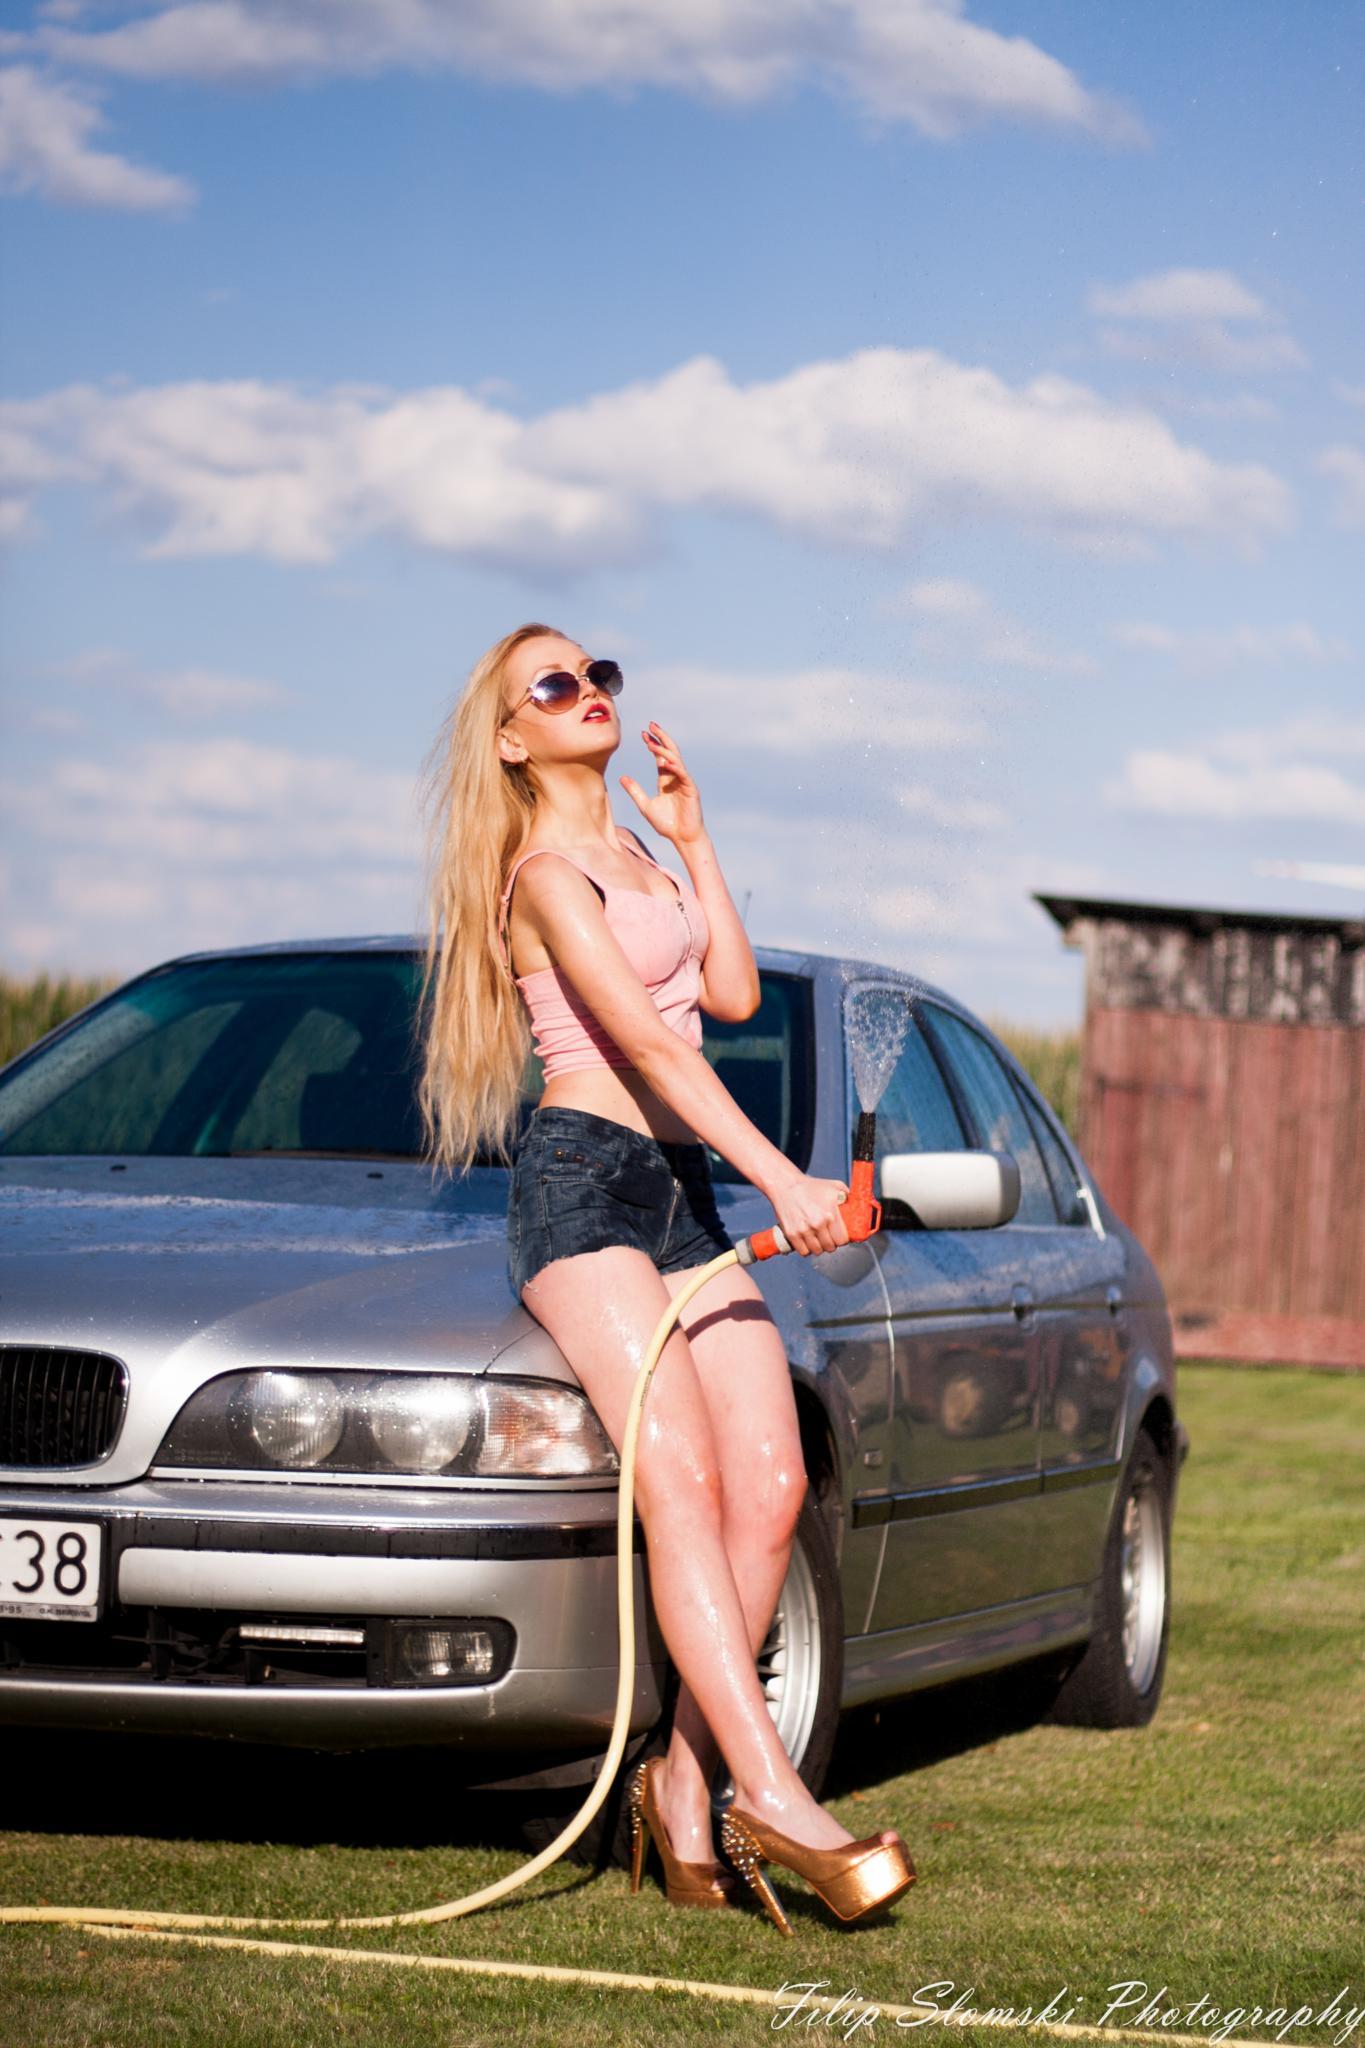 BMW Girl by fslomski